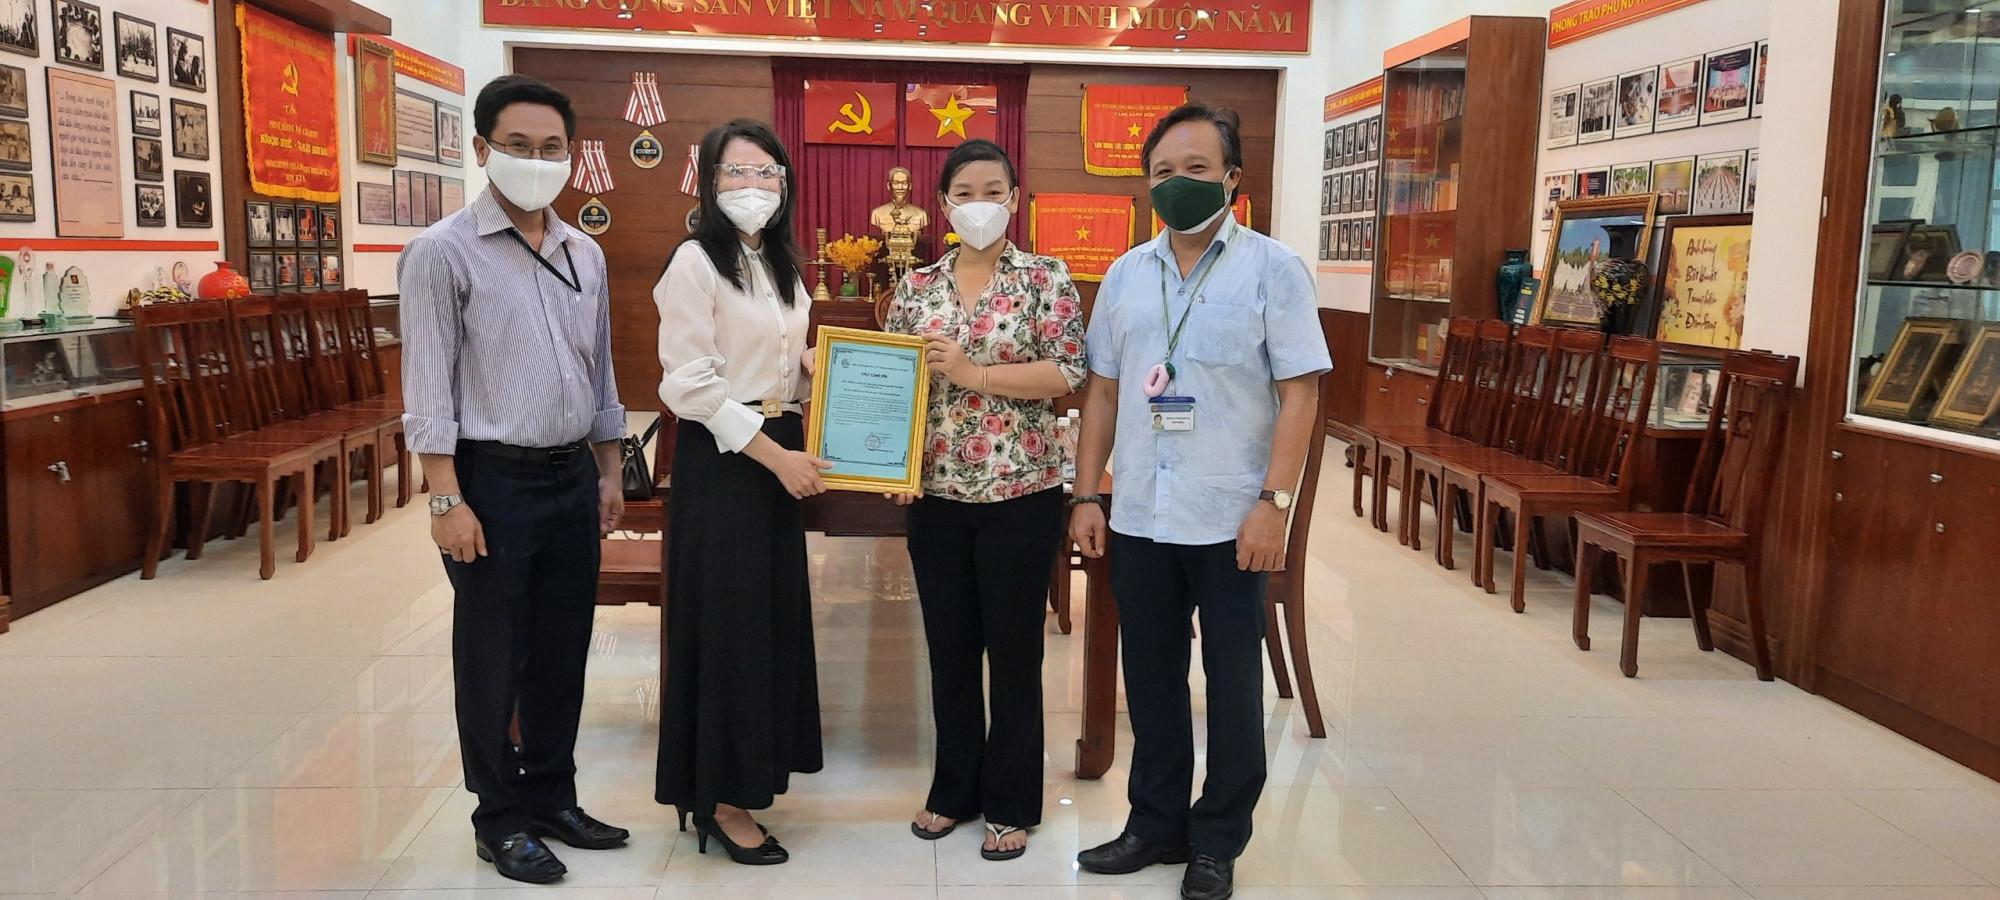 Bà Trần Thị Phương Hoa - Pho Chủ tịch Hội LHPN TP - đại diện Ban Thường vụ gởi thư cảm ơn đến Hội LHPN Doanh nhân Việt Nam tại Đài Loan